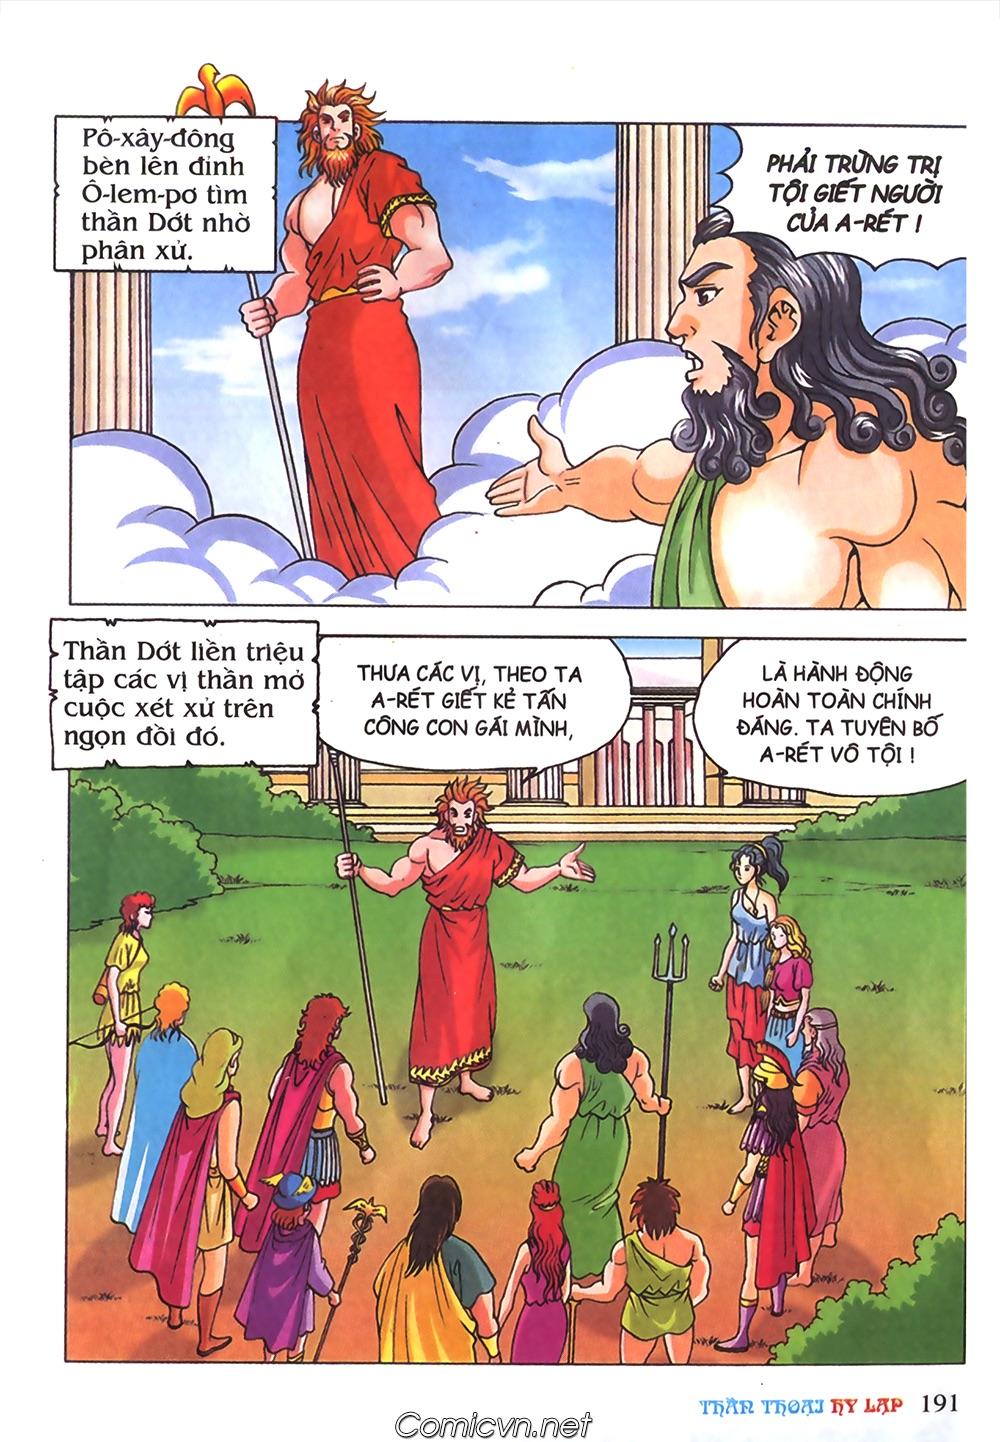 Thần Thoại Hy Lạp Màu - Chapter 71: Nàng Ê lếch tơ 2 - Pic 42